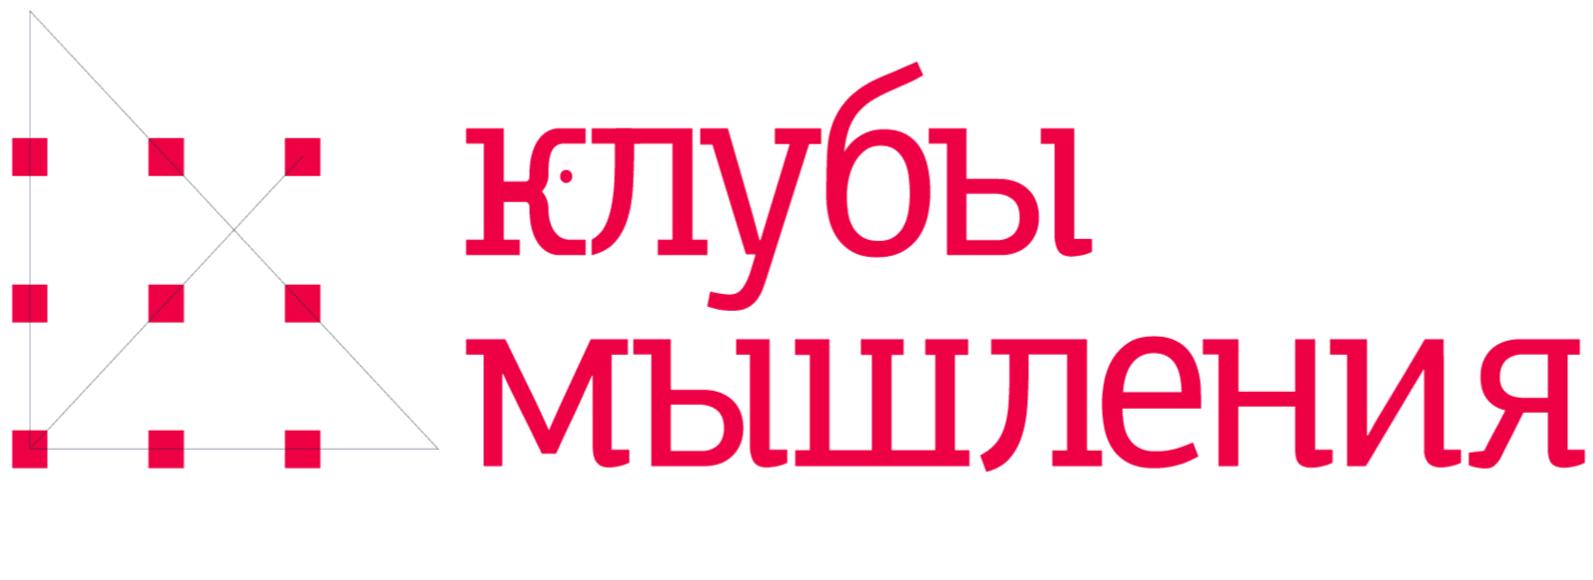 Клуб мышления москва айкон клуб москва